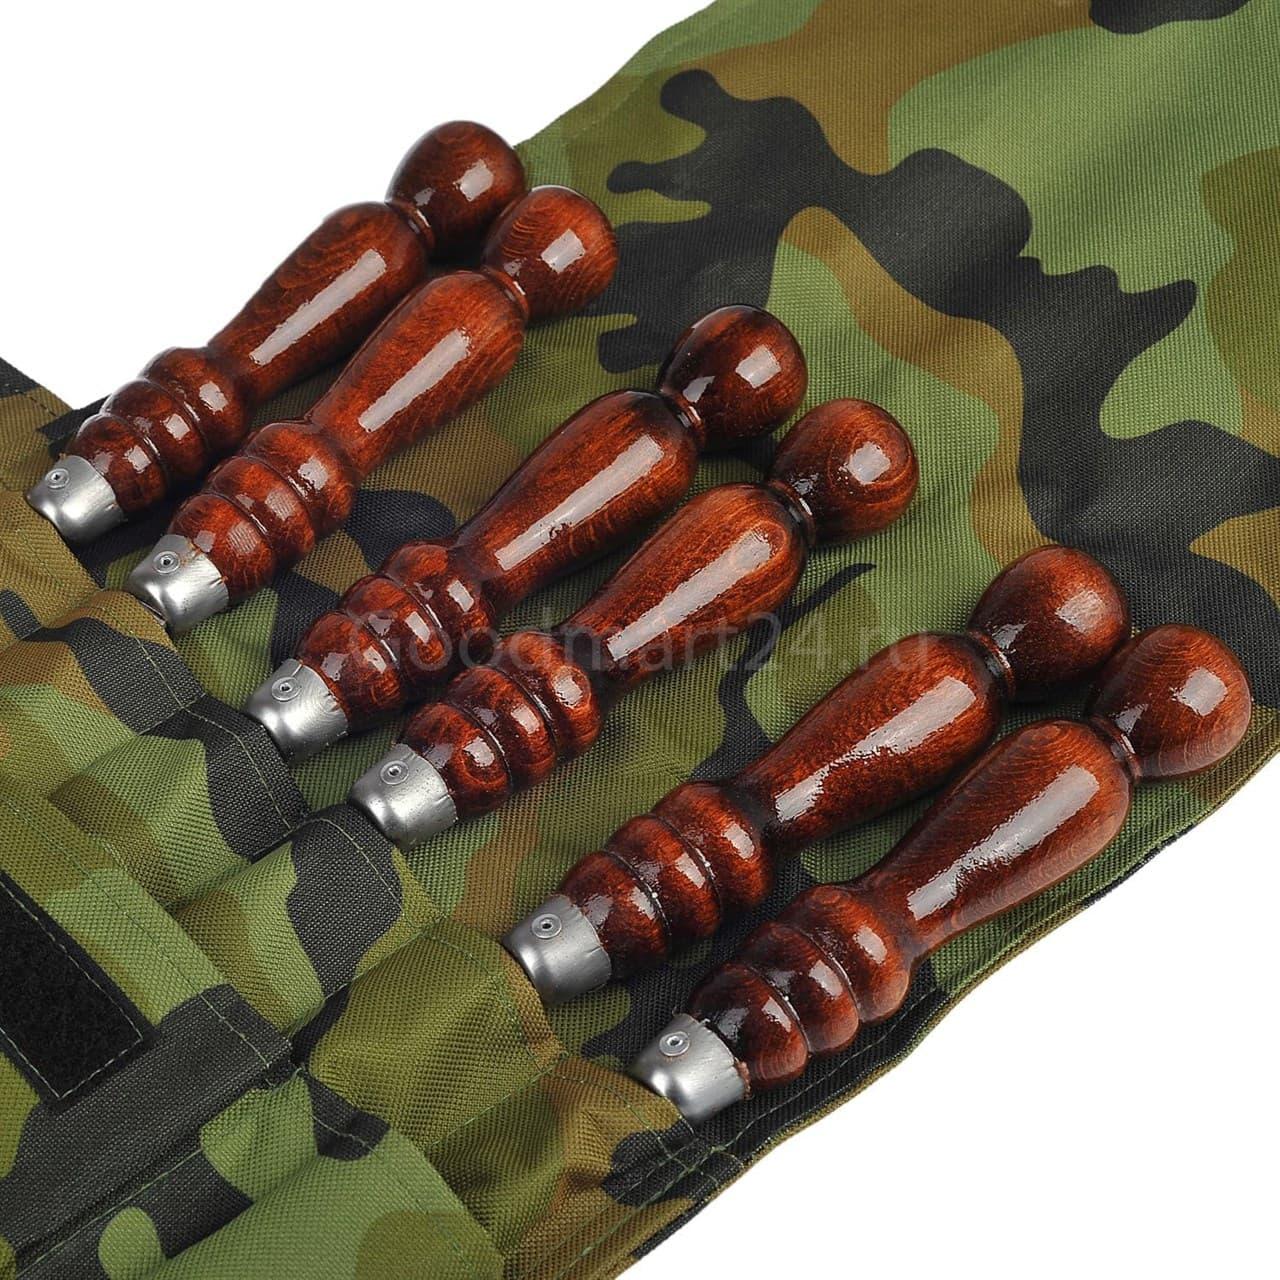 Набор шампуров в чехле, 500х12х3 мм. нерж, дер/ручка, таганок - фото 11293